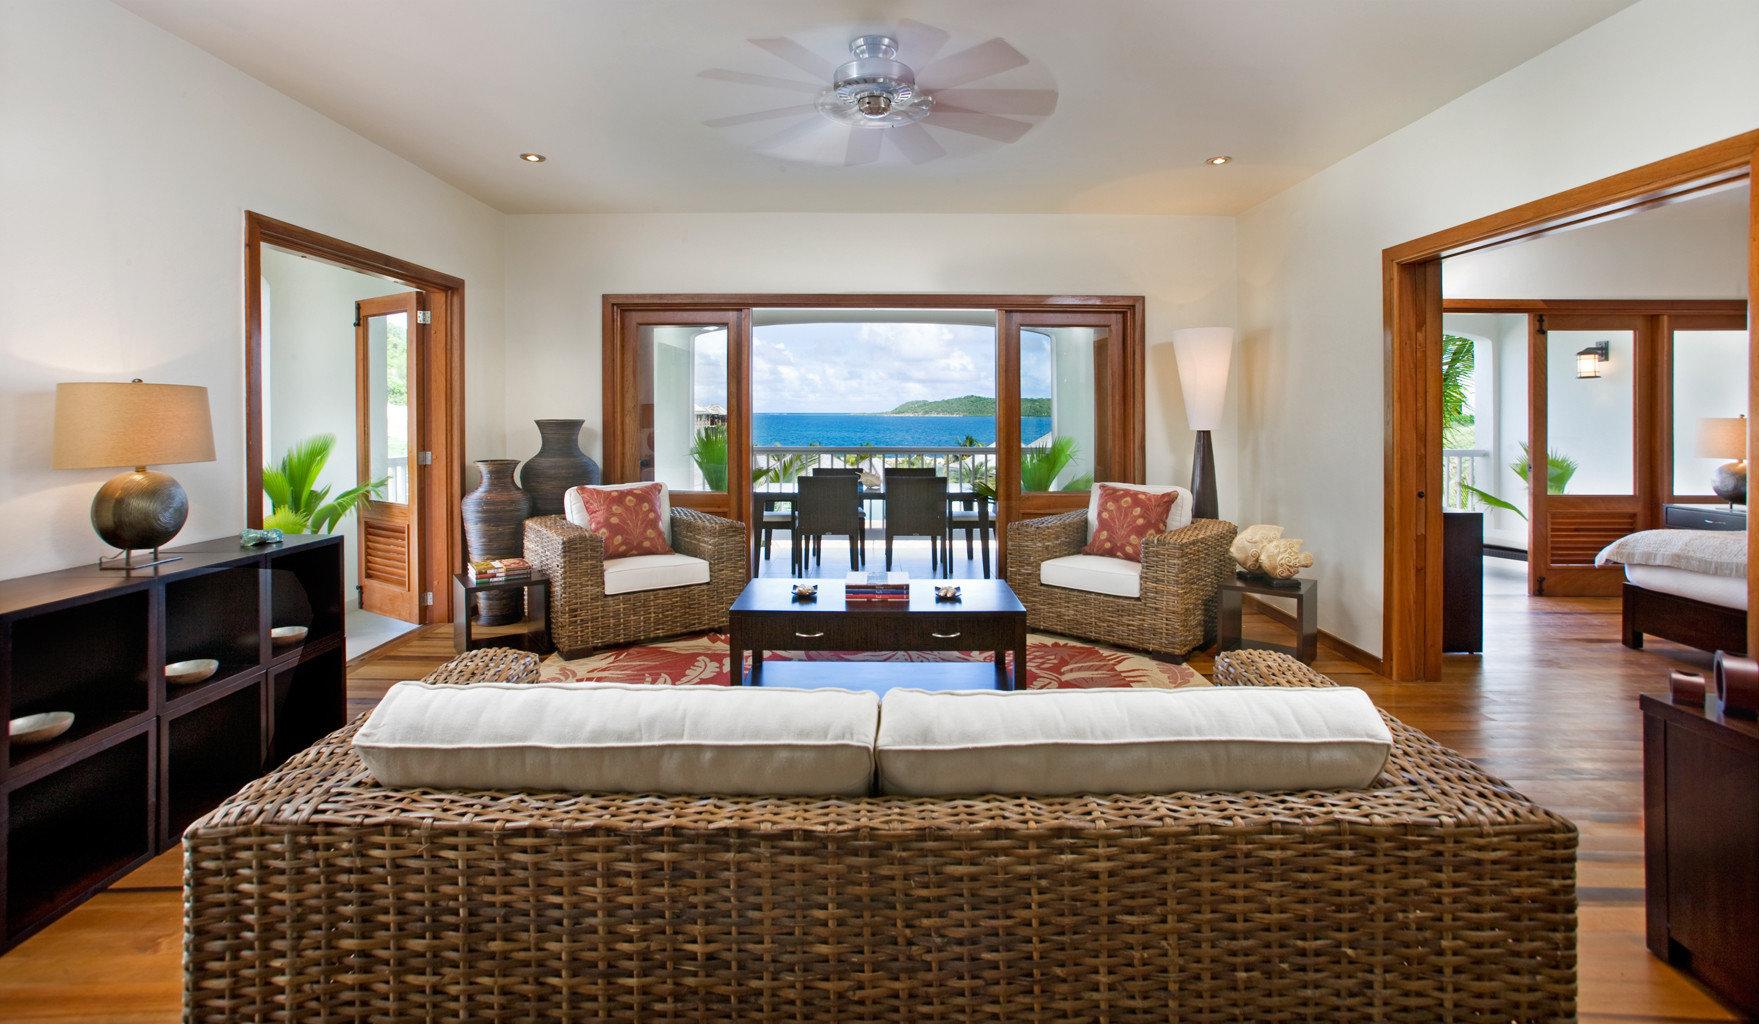 Beachfront Bedroom Classic Resort property living room Suite condominium home Villa mansion